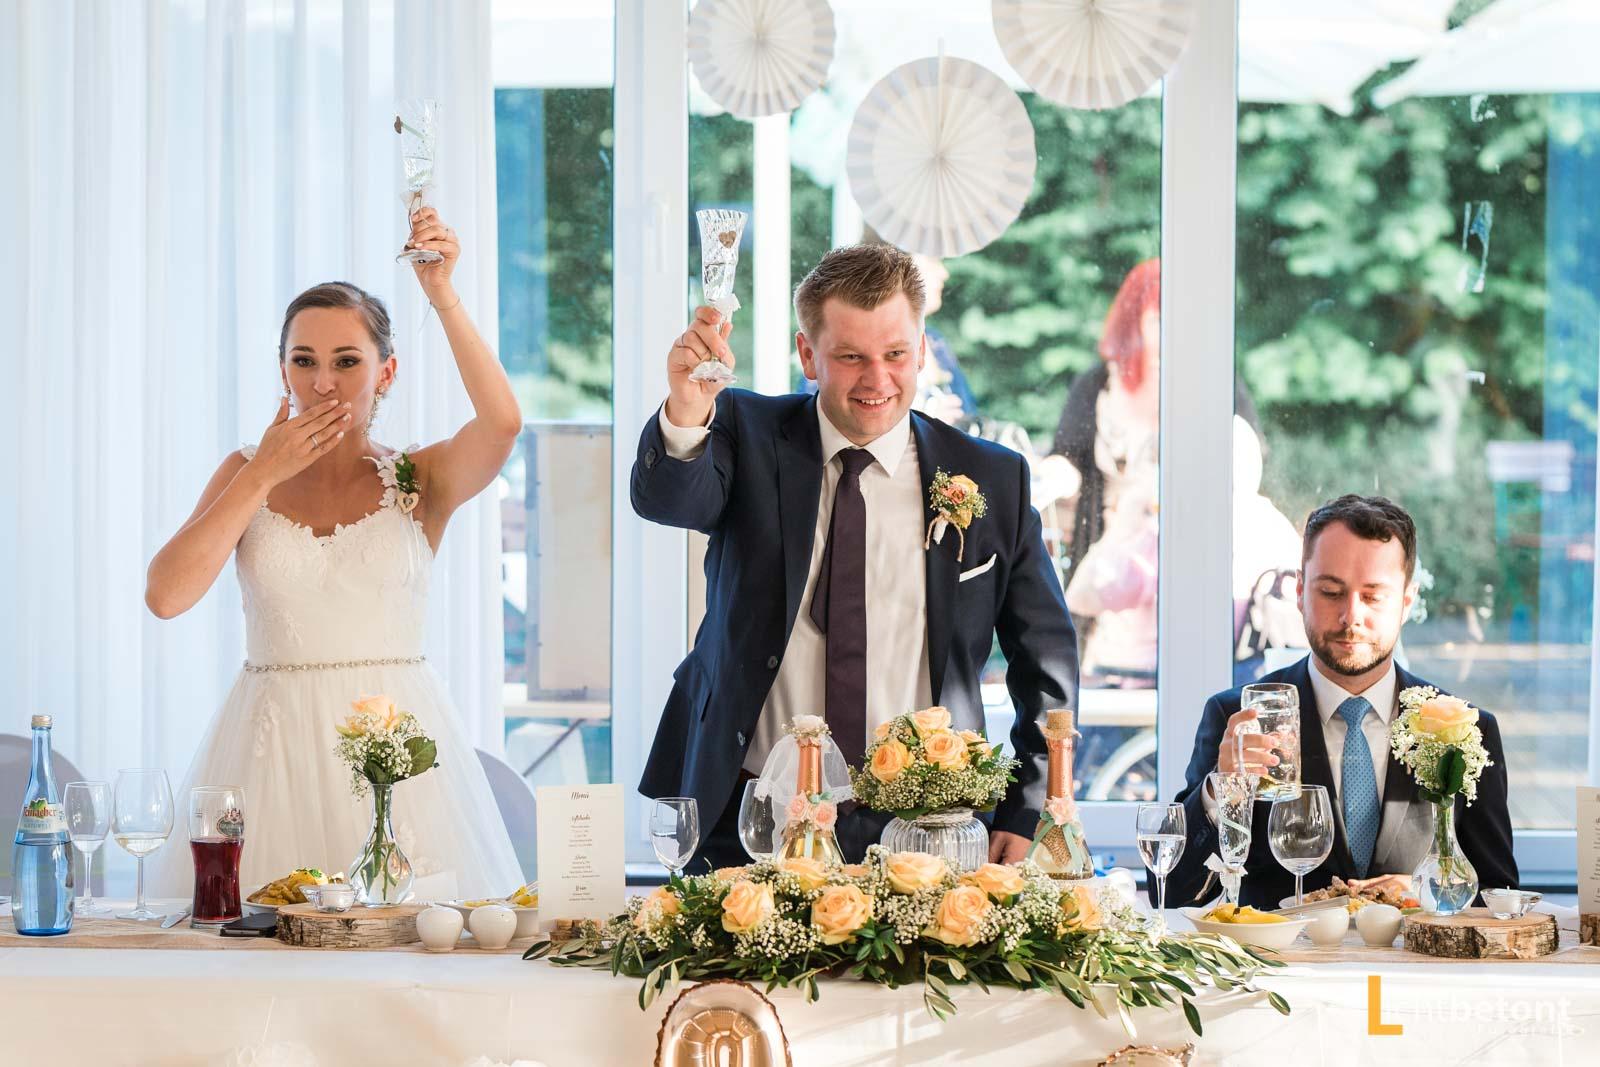 Hochzeitsreportage Seehaus Asam Kirche Ingolstadt Barocksaal Baggersee heiraten Hochzeitsfeier_0056